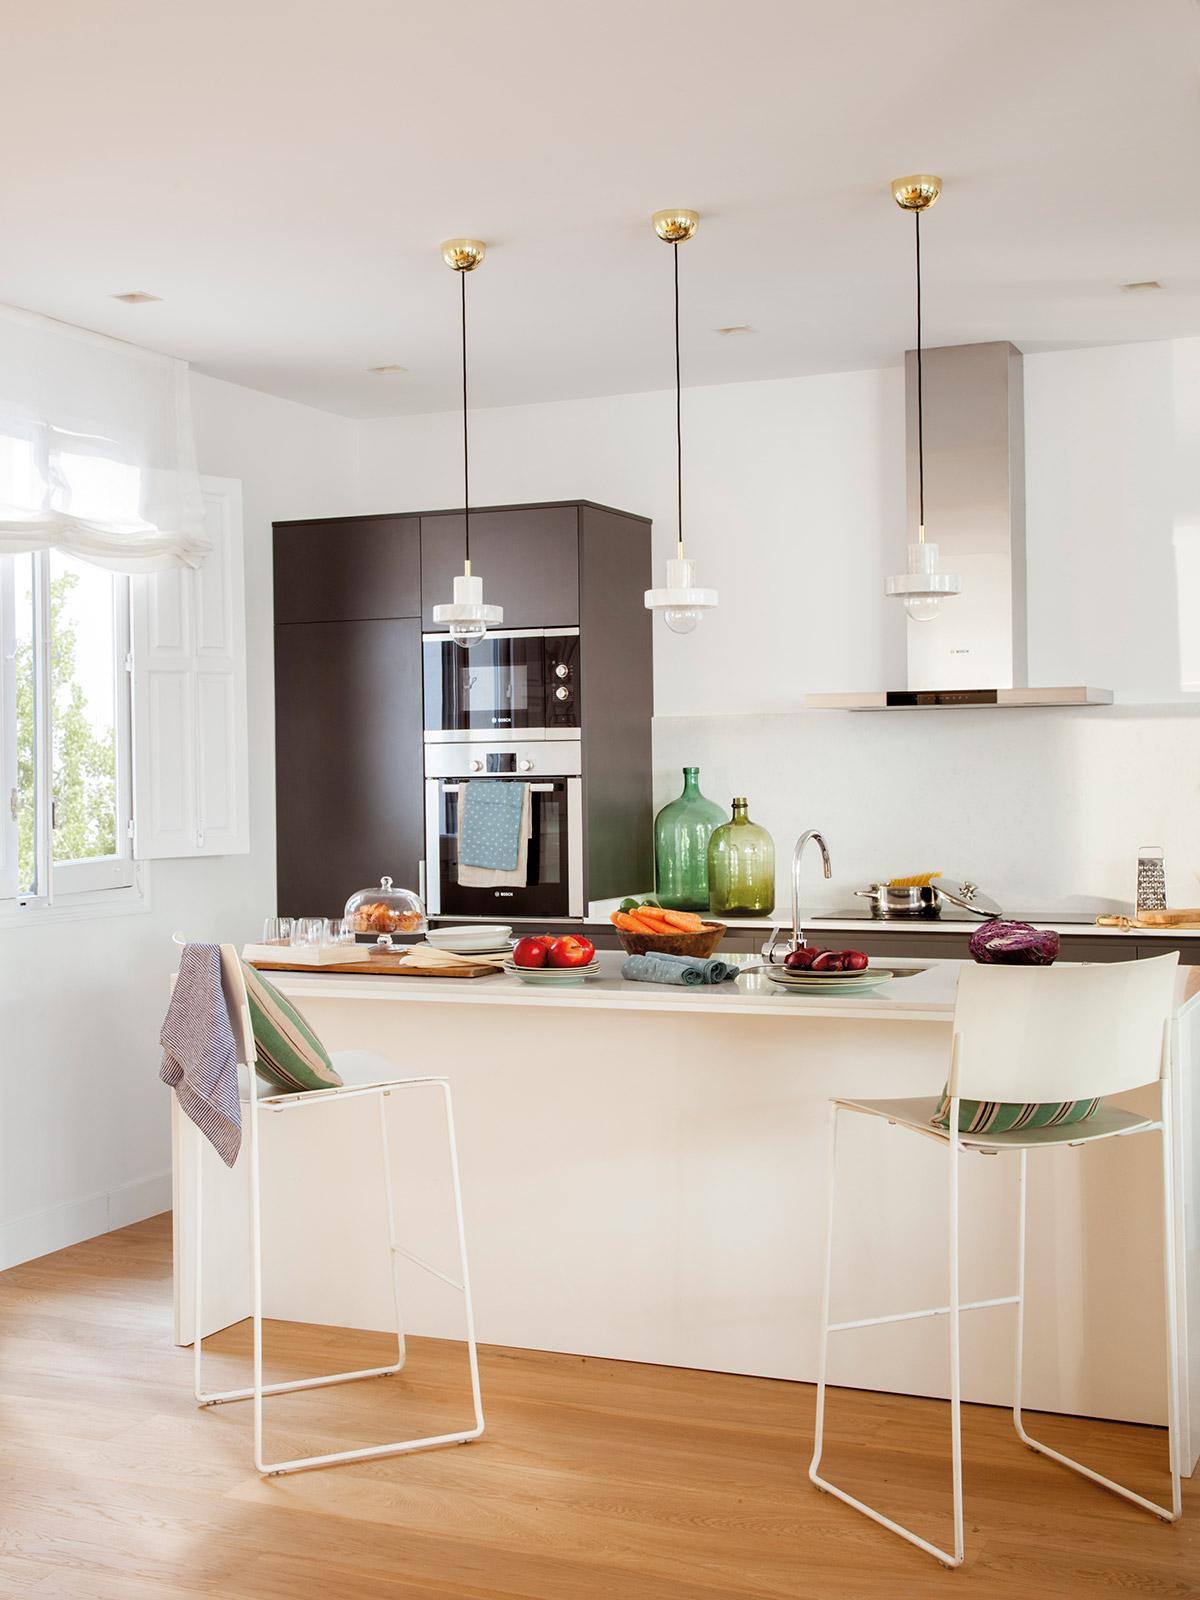 Dise o de una cocina con barra de desayuno - Sillas de barra de cocina ...